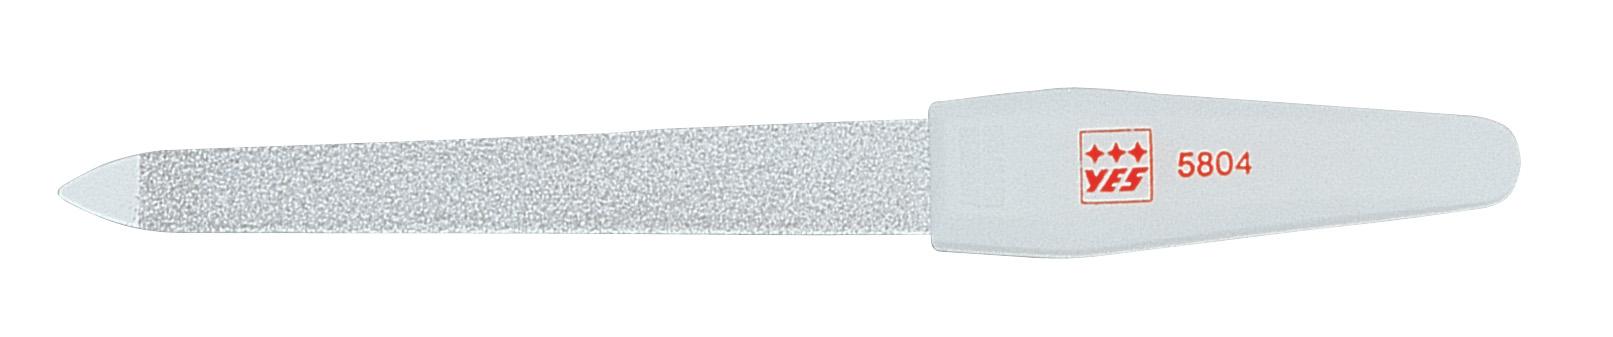 Becker-Manicure YES Пилочка 13см. 9580495804Пилочка для ногтей изготовлена из высокоуглеродистой стали. Пилочка имеет двухстороннее сапфировое напыление: более крупное с одной стороны для формирования формы и мелкое с другой для завершения шлифовки ногтя. Длина пилочки 13 см. В блистерной упаковке.Хранить в сухом недоступном для детей месте. Замена изделия не осуществляется в следующих случаях:- Использование не по назначению- Самостоятельный ремонт- Нарушение условий хранения